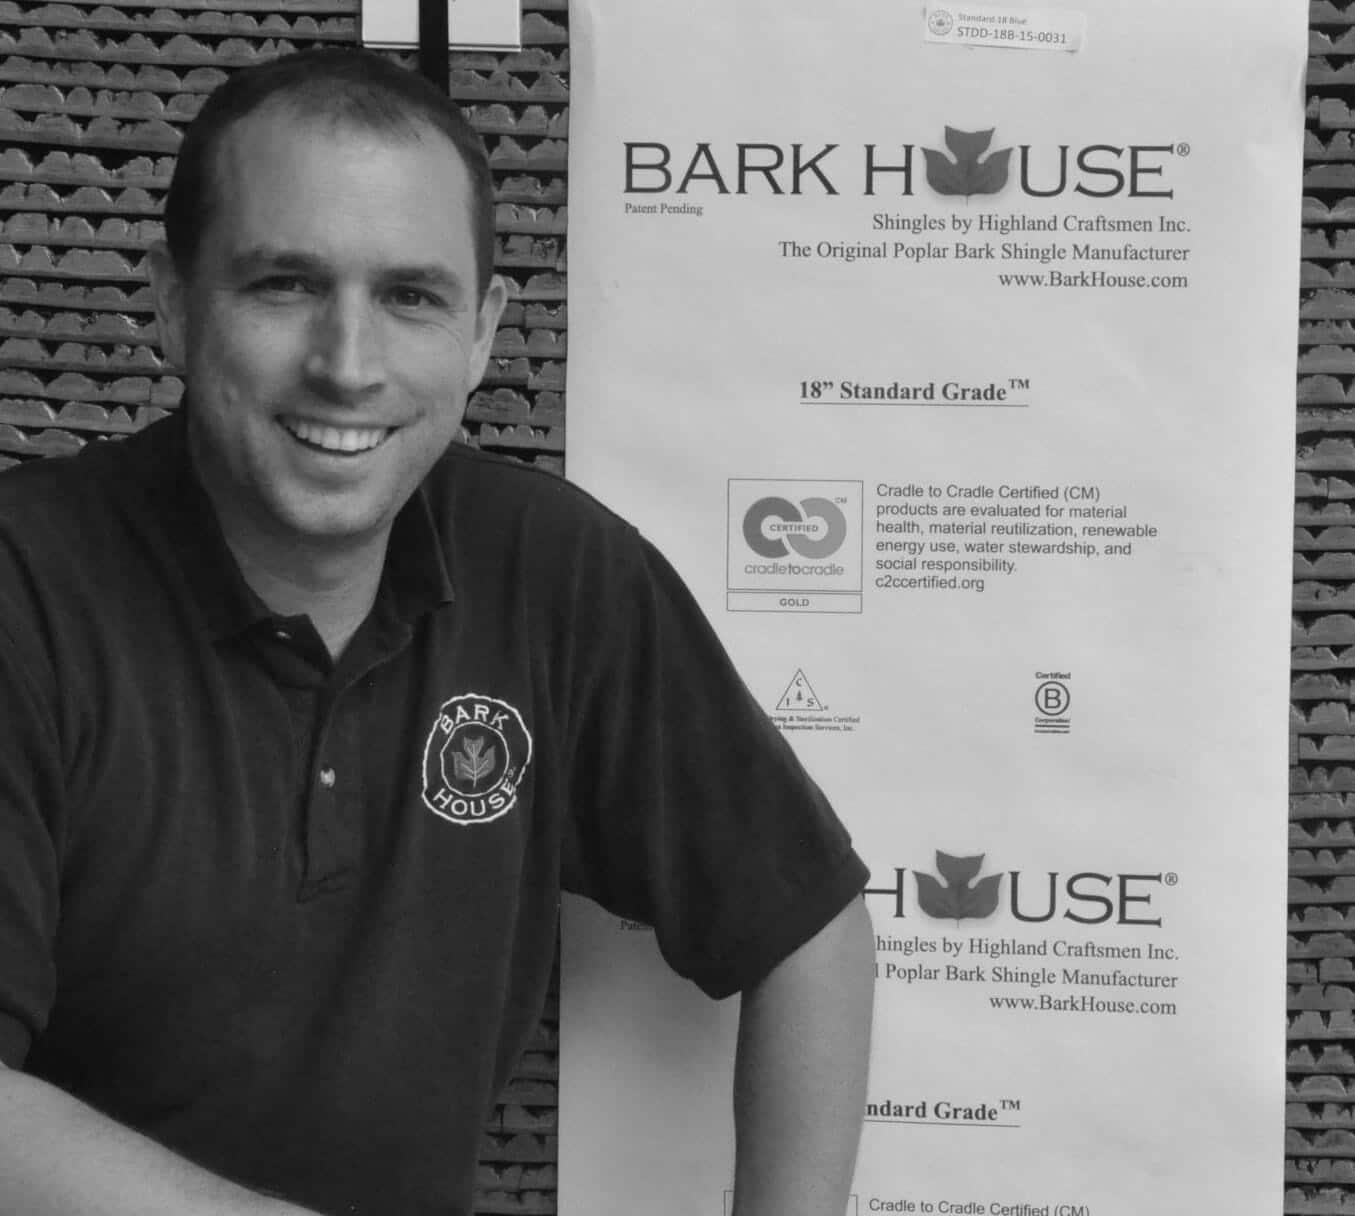 Bark House shingle siding expert crew team member(s): Ryan